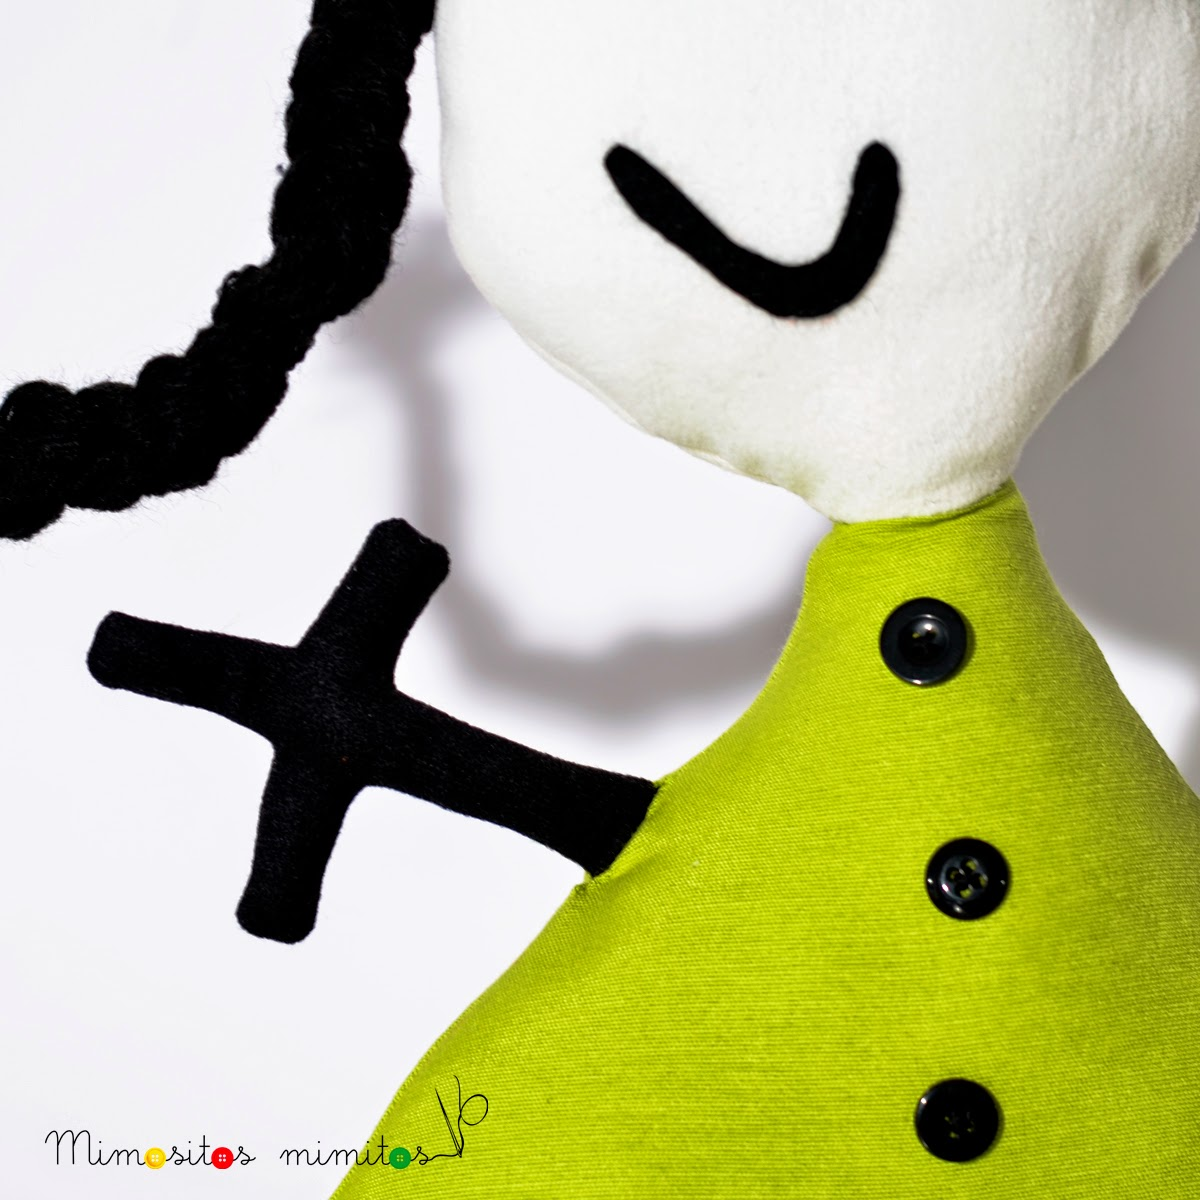 coco peluches dibujos niños muñeco tela personalizado hecho a mano handmade